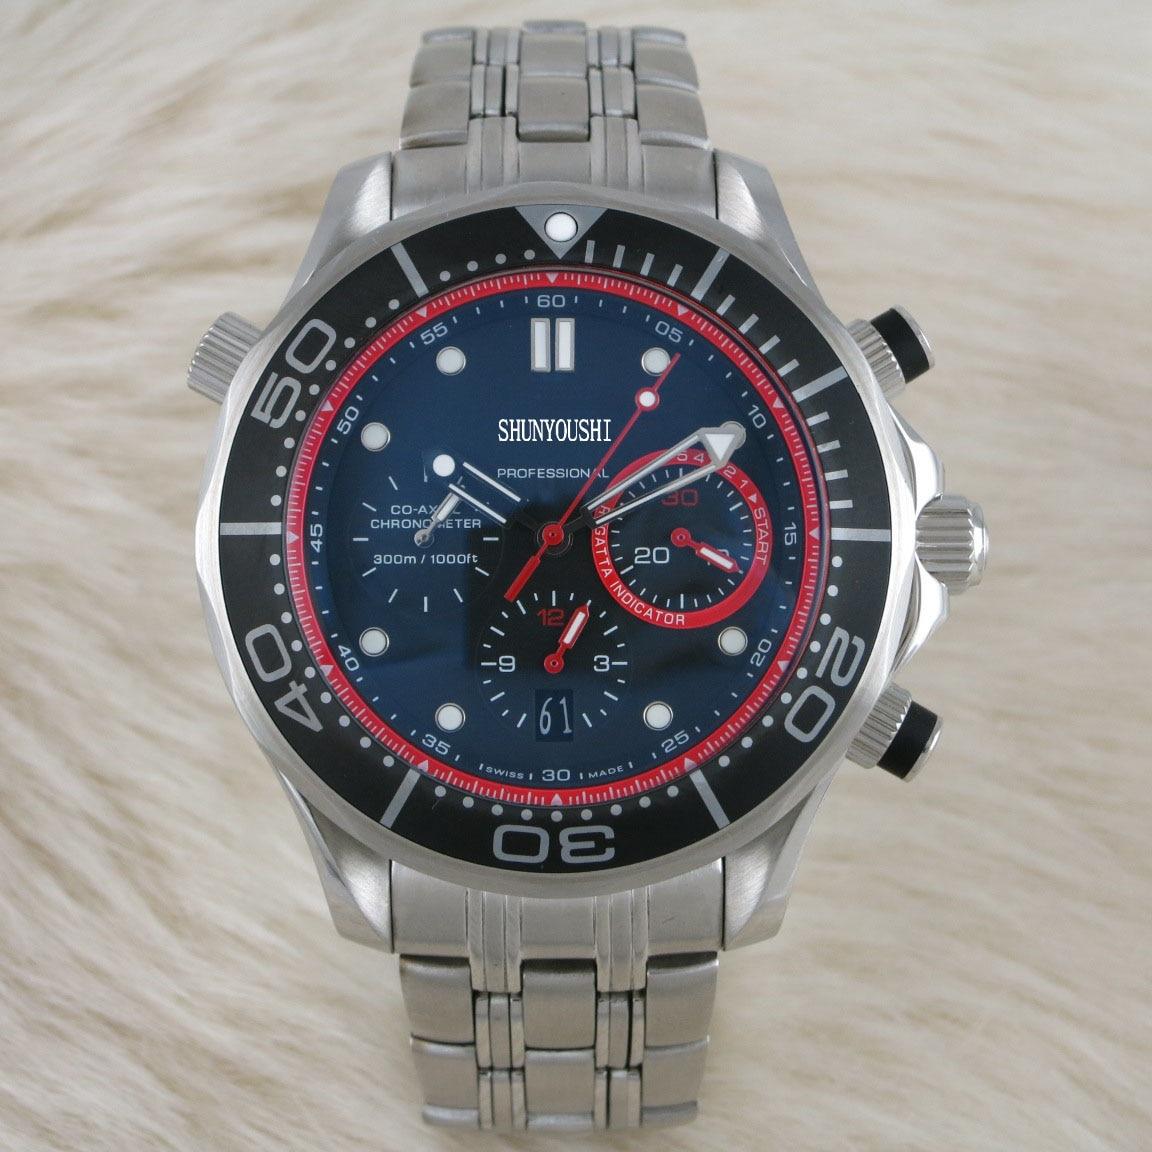 WG05349     Mens Watches Top Brand Runway Luxury European Design  Quartz WristwatchesWG05349     Mens Watches Top Brand Runway Luxury European Design  Quartz Wristwatches